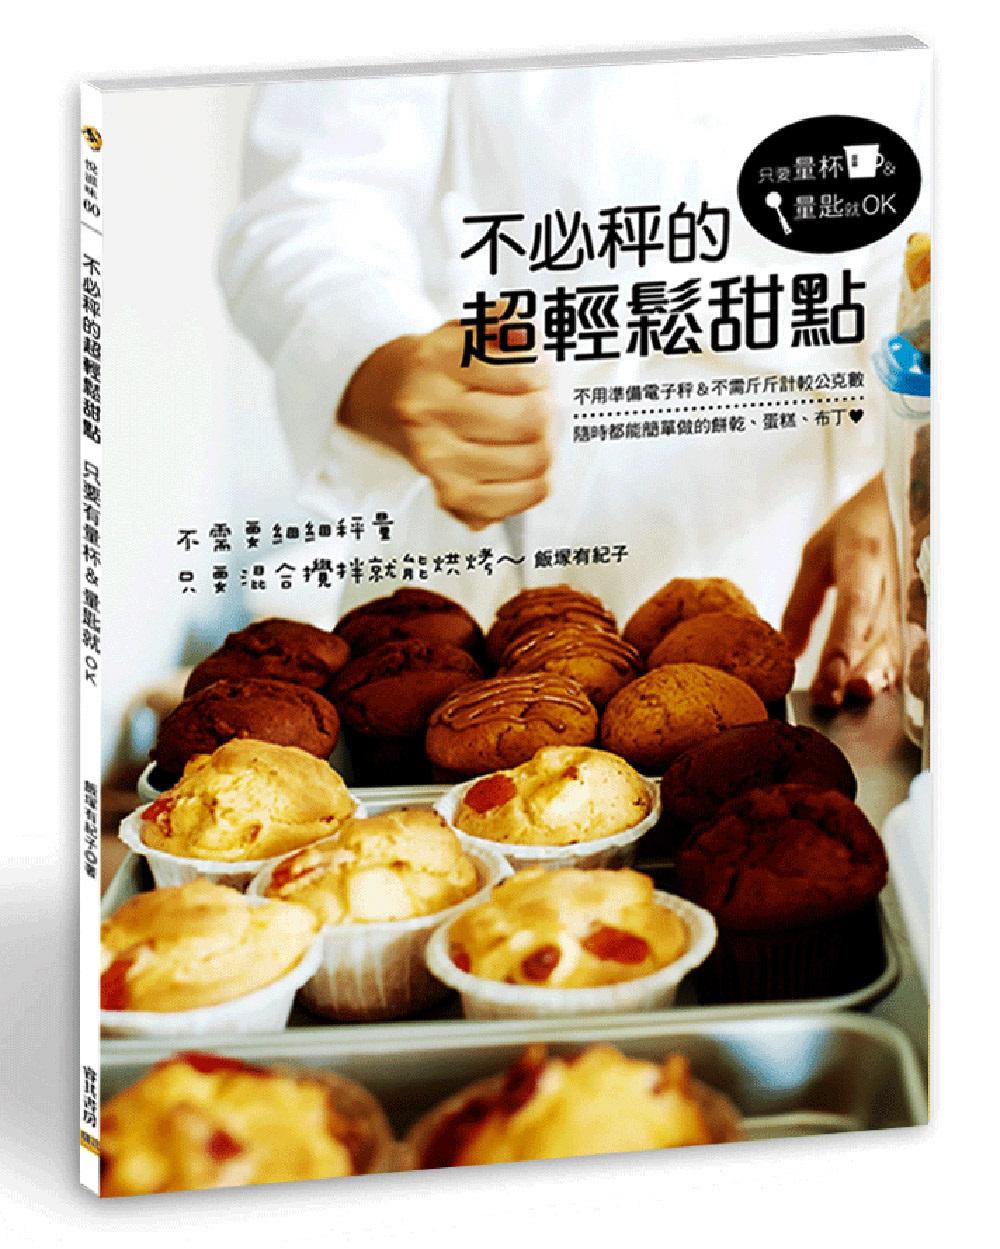 不必秤的超輕鬆甜點:不用準備電子秤&不需斤斤計較公克數 隨時都能簡單做的餅乾、蛋糕、布丁